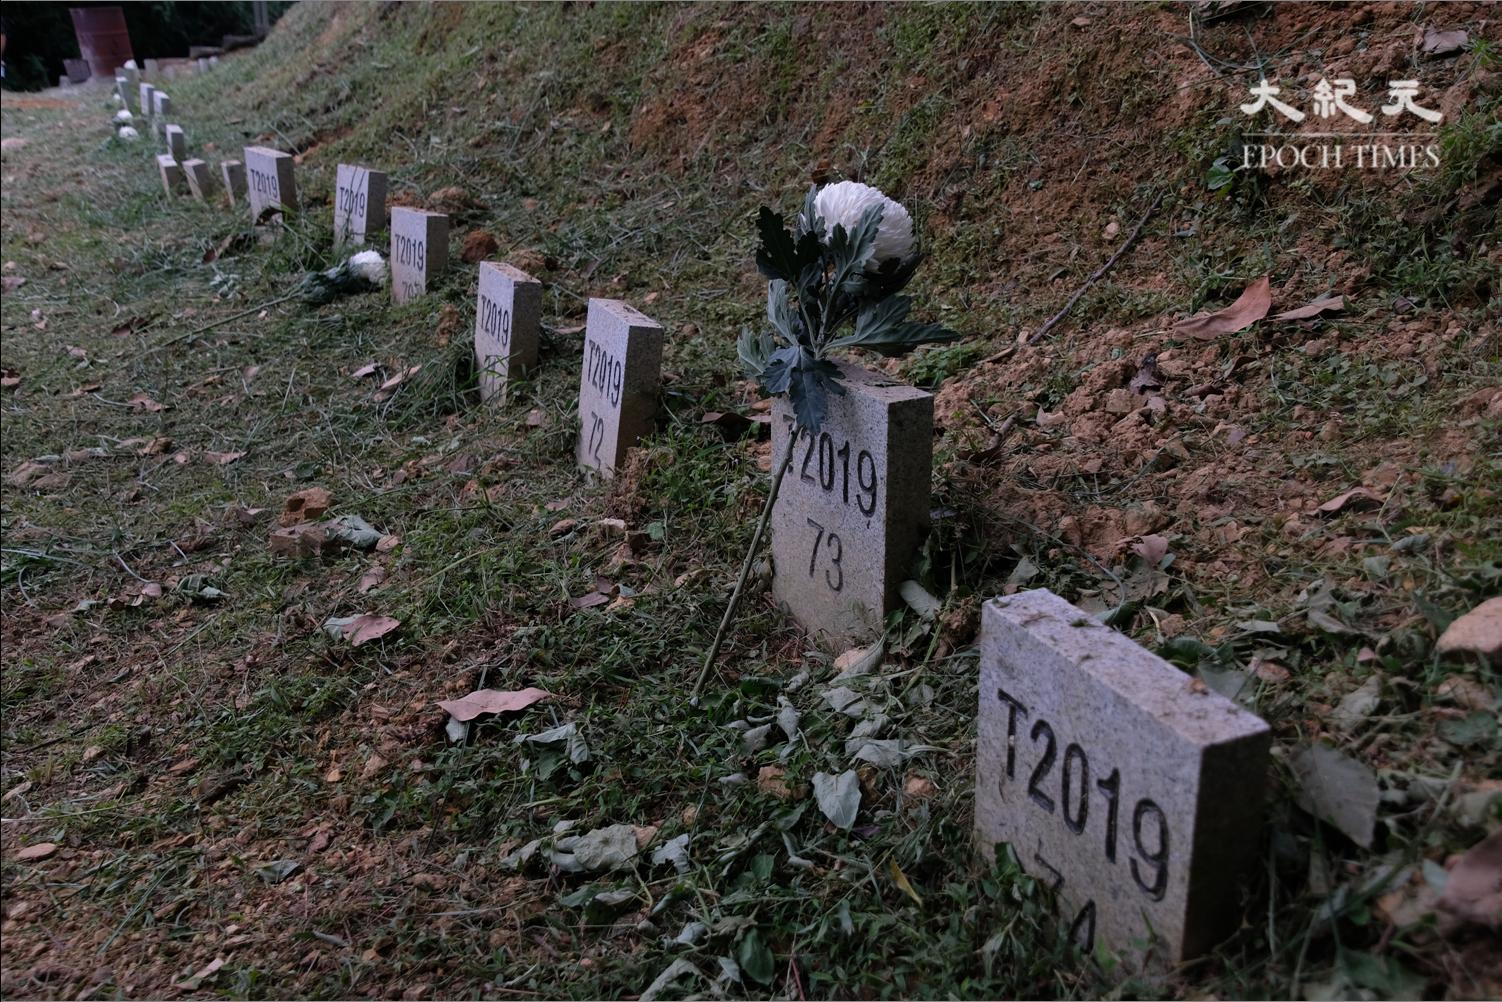 沙嶺公墓只有號碼的無名墓碑。(李遨/大紀元)